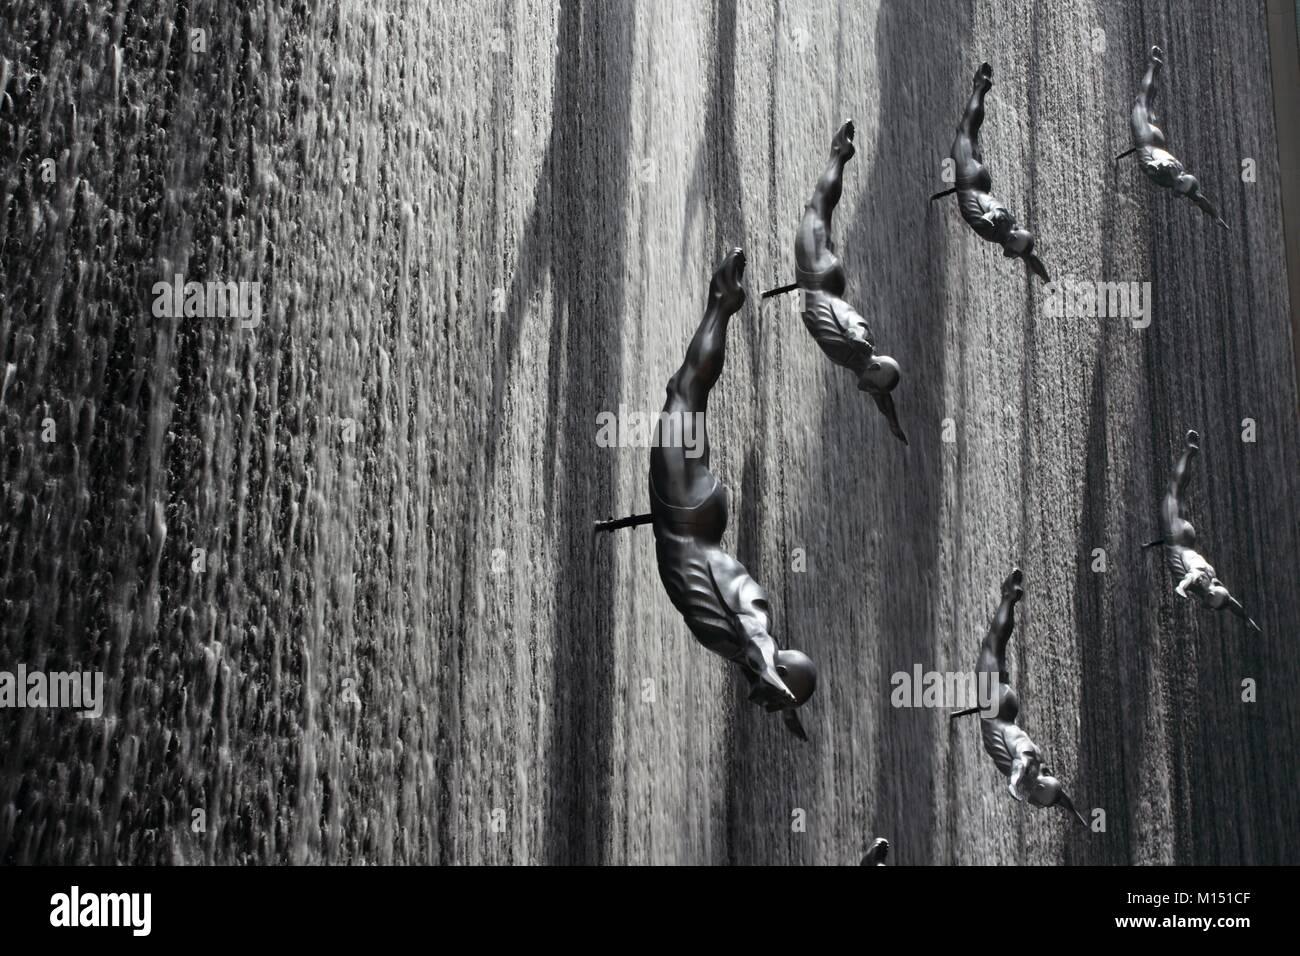 Vereinigte Arabische Emirate, Dubai, Dubai Mall, der Wasserfall Stockbild